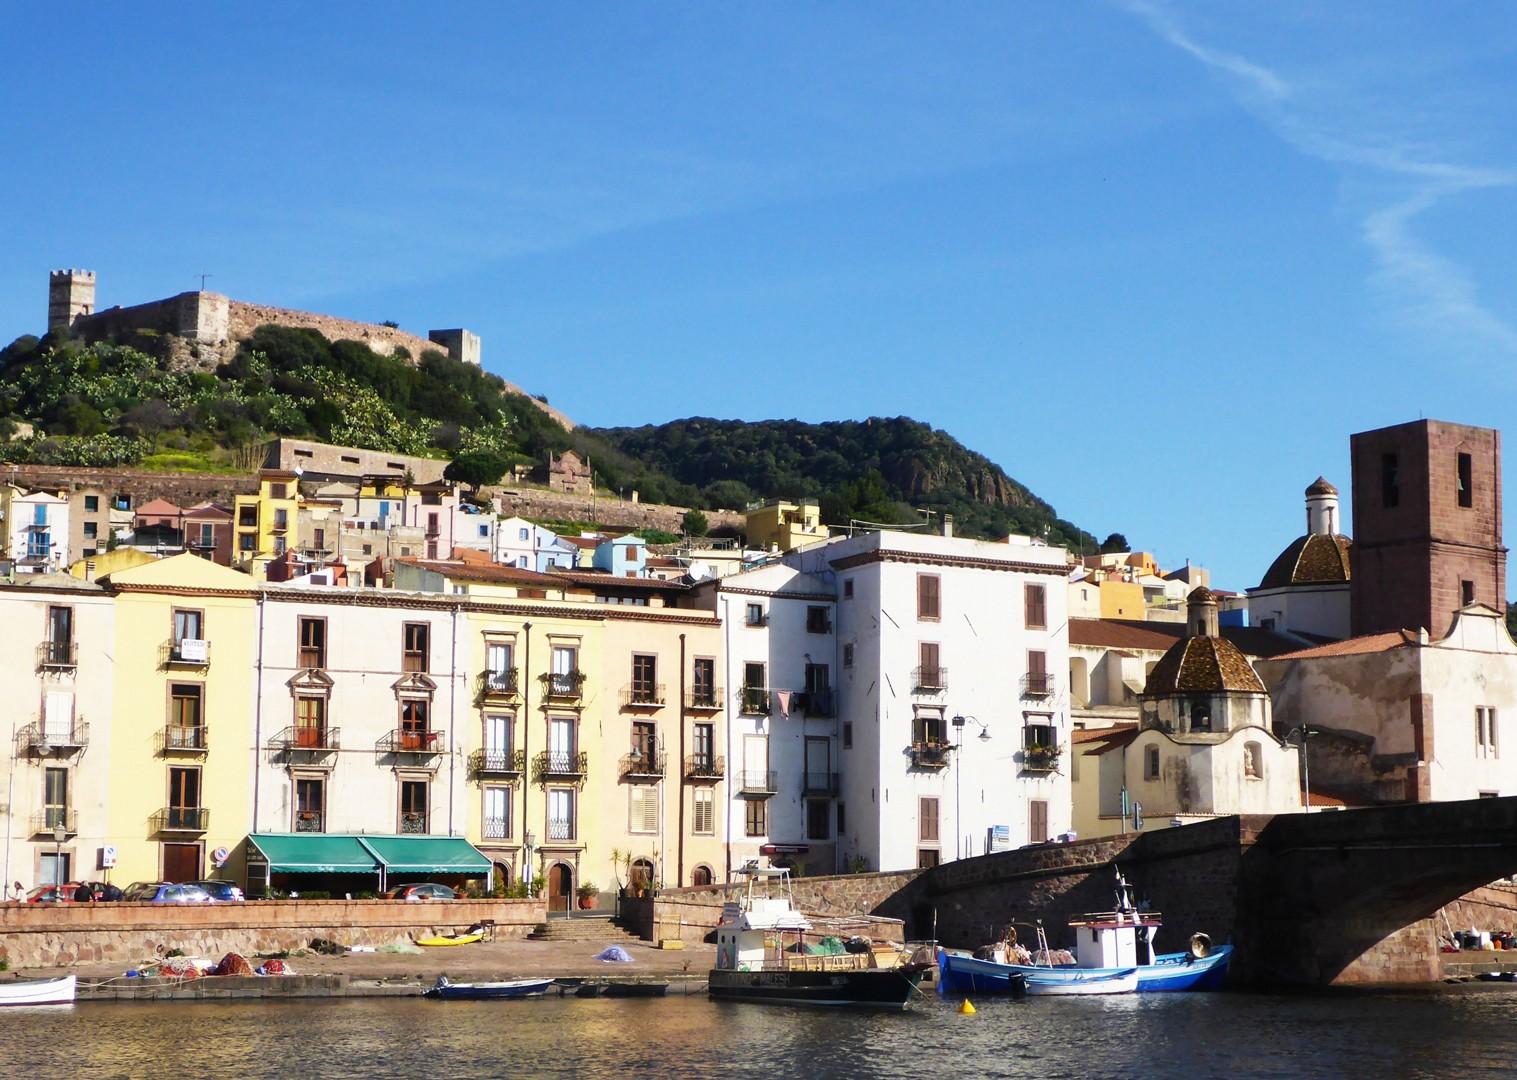 oristano-sardinia-leisure-cycling-holiday.jpg - Italy - Sardinia - West Coast Wonders - Self-Guided Leisure Cycling Holiday - Leisure Cycling